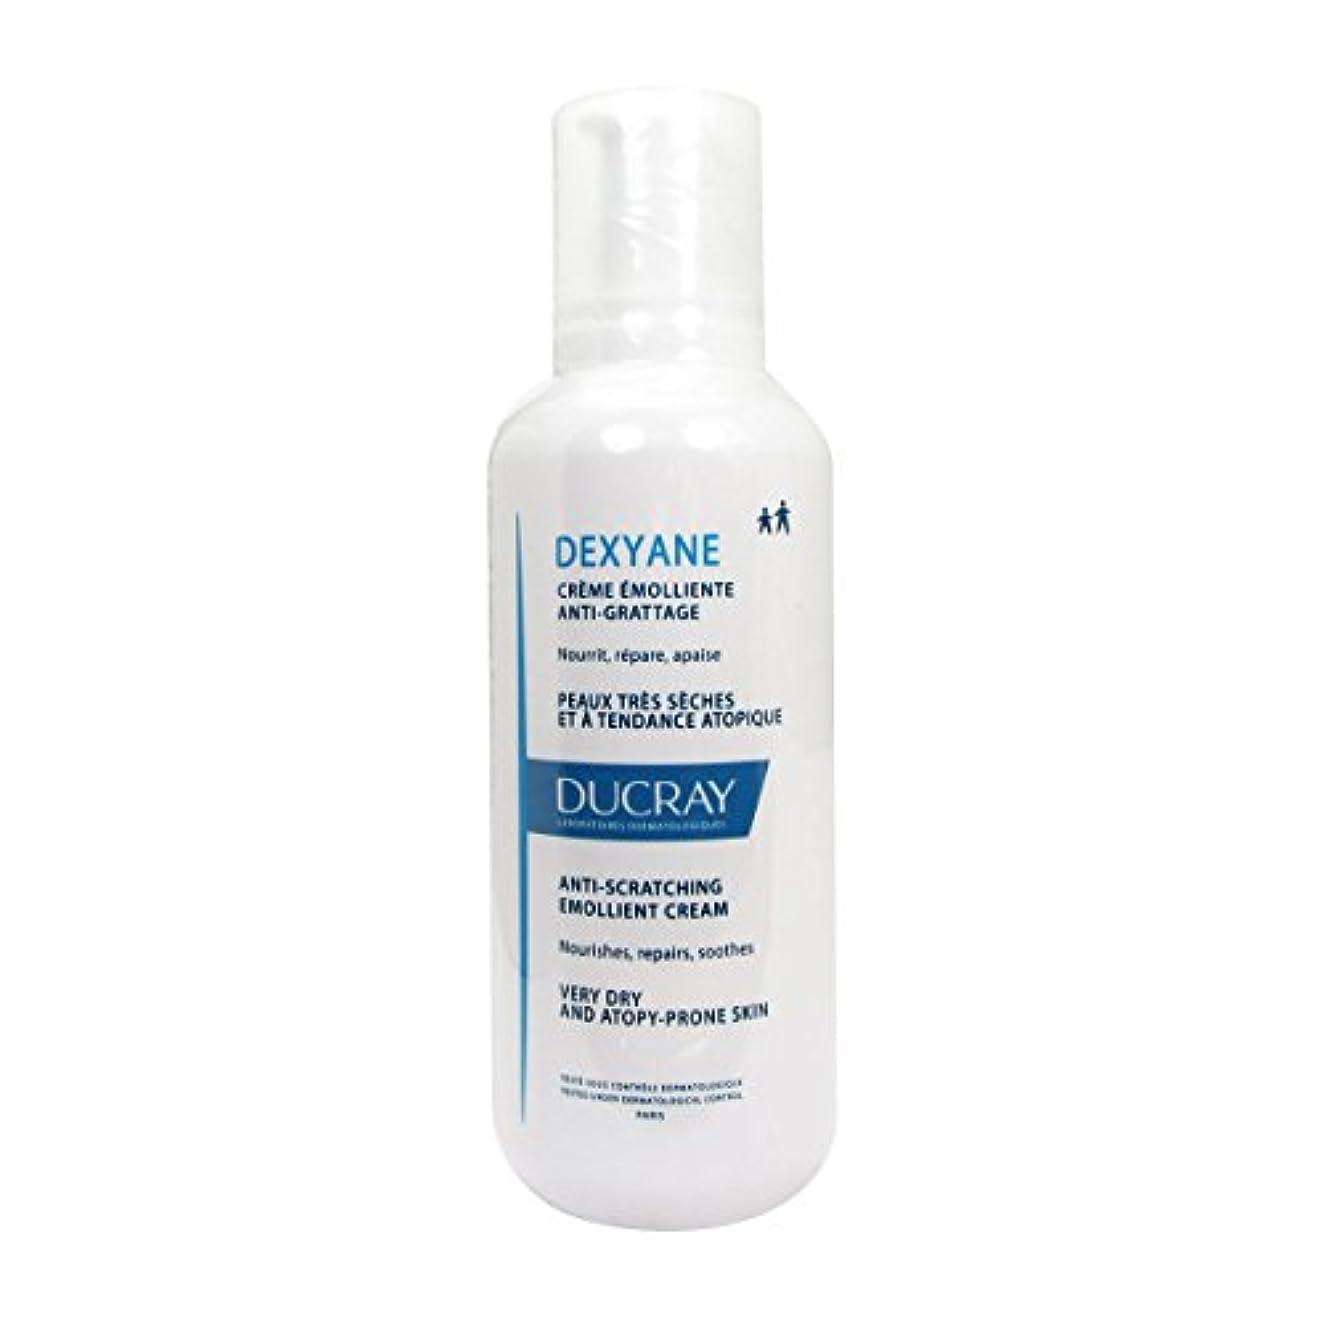 満州十代の若者たち任意Ducray Dexyane Anti-scratching Emollient Cream 400ml [並行輸入品]